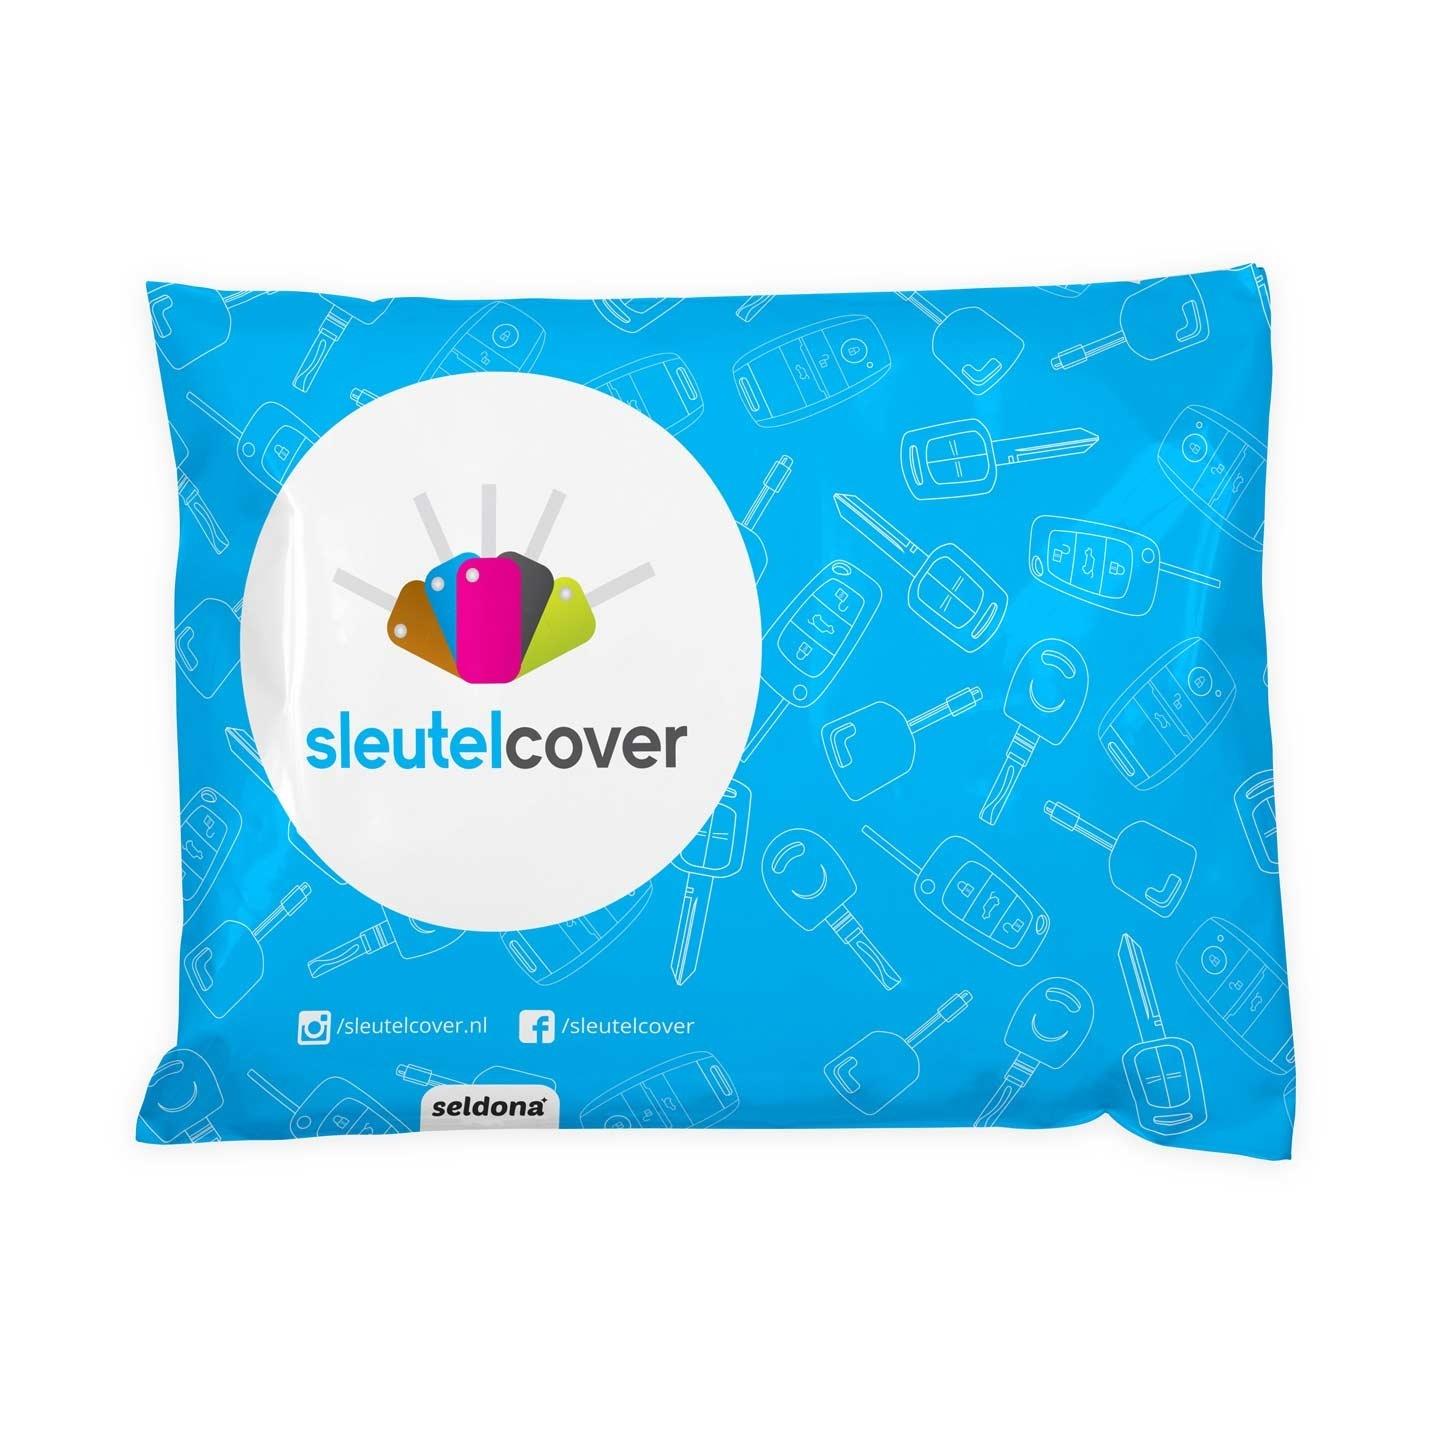 Ford SleutelCover - Roze / Silicone sleutelhoesje / beschermhoesje autosleutel